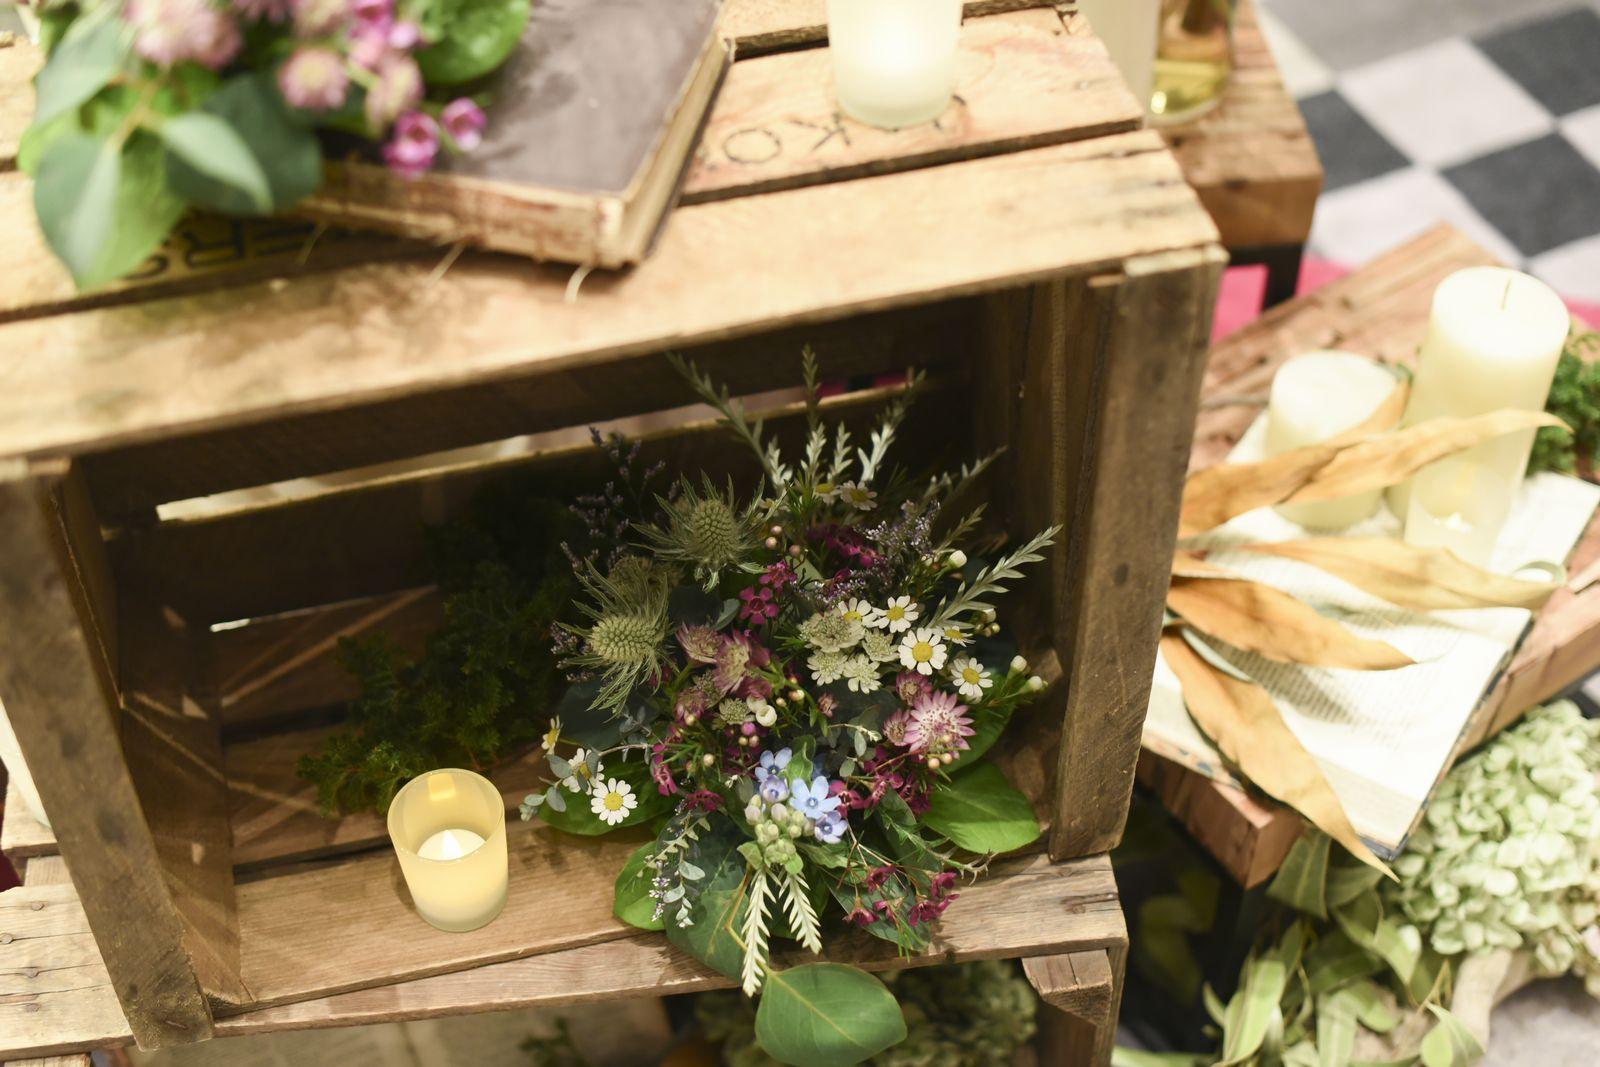 徳島市の結婚式場ブランアンジュのメイン飾りのテーマはグリーンナチュラルで